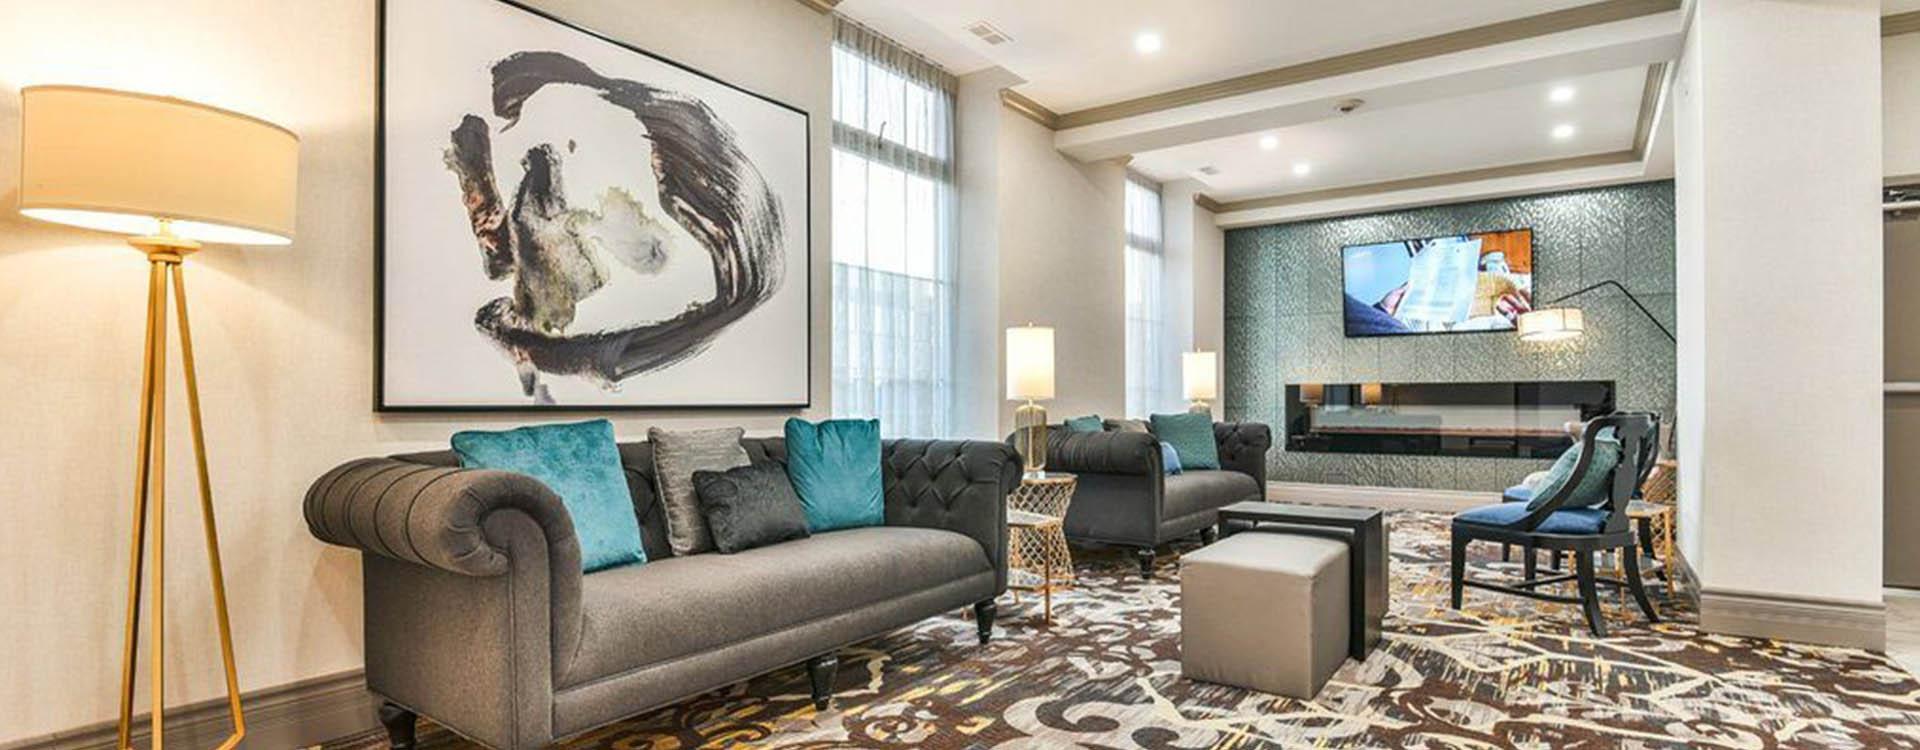 Banner Orillia Indoor Hotel - Winter In Orillia